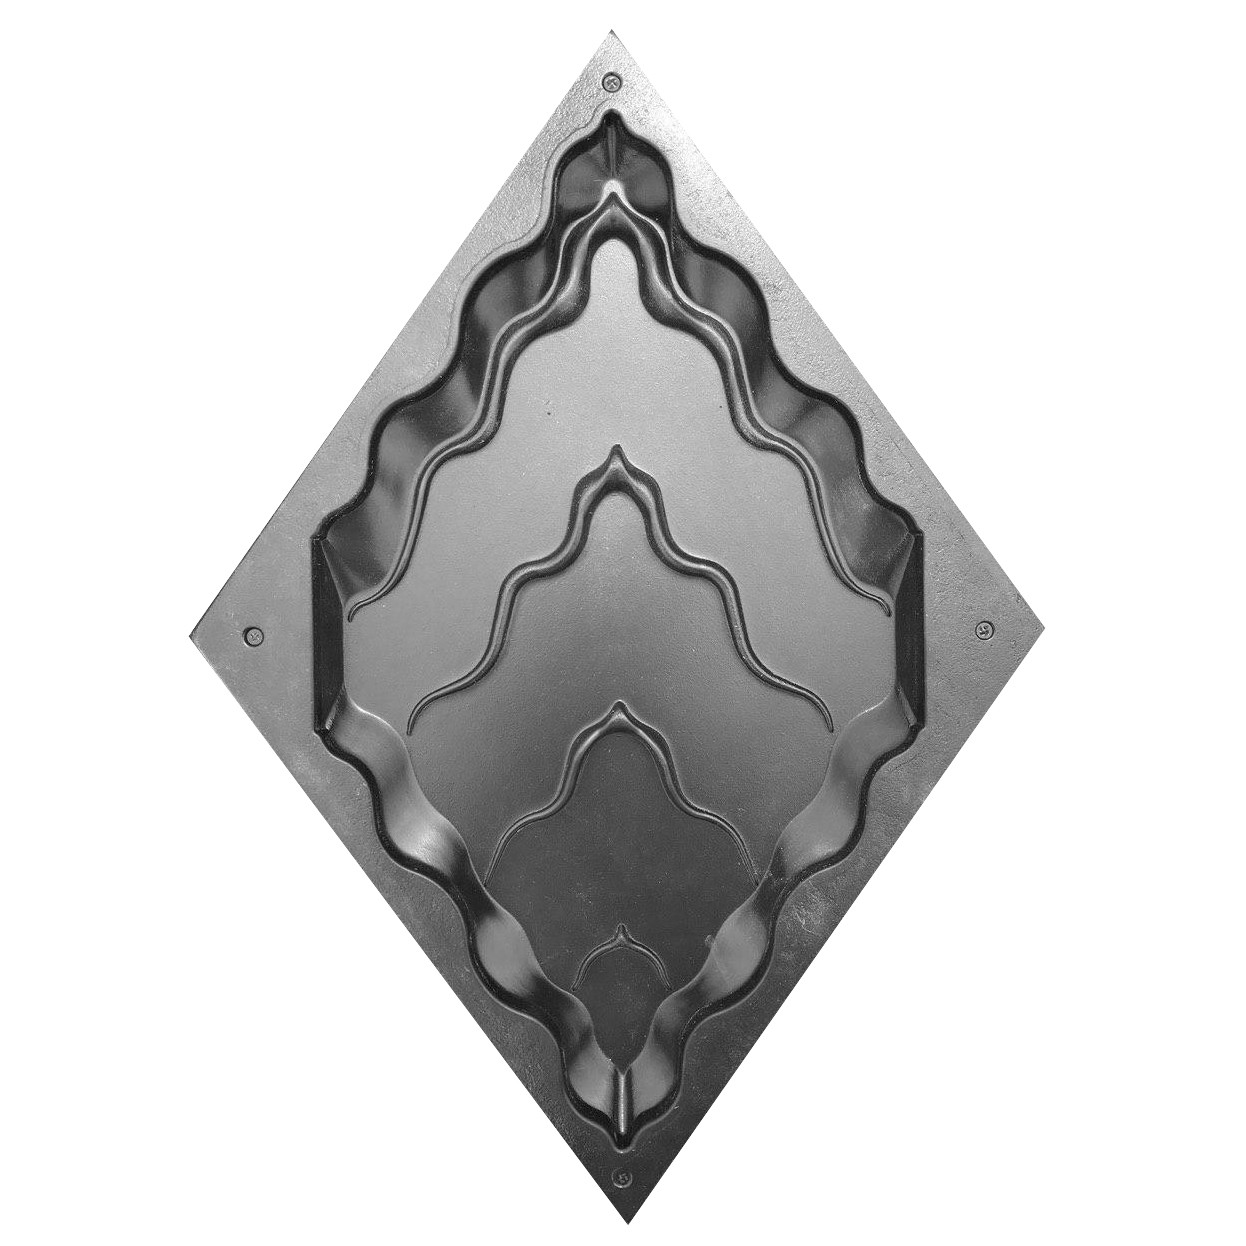 """Пластикова форма для 3d панелей """"Титан №2"""" (форма для 3д панелей з абс пластику)"""